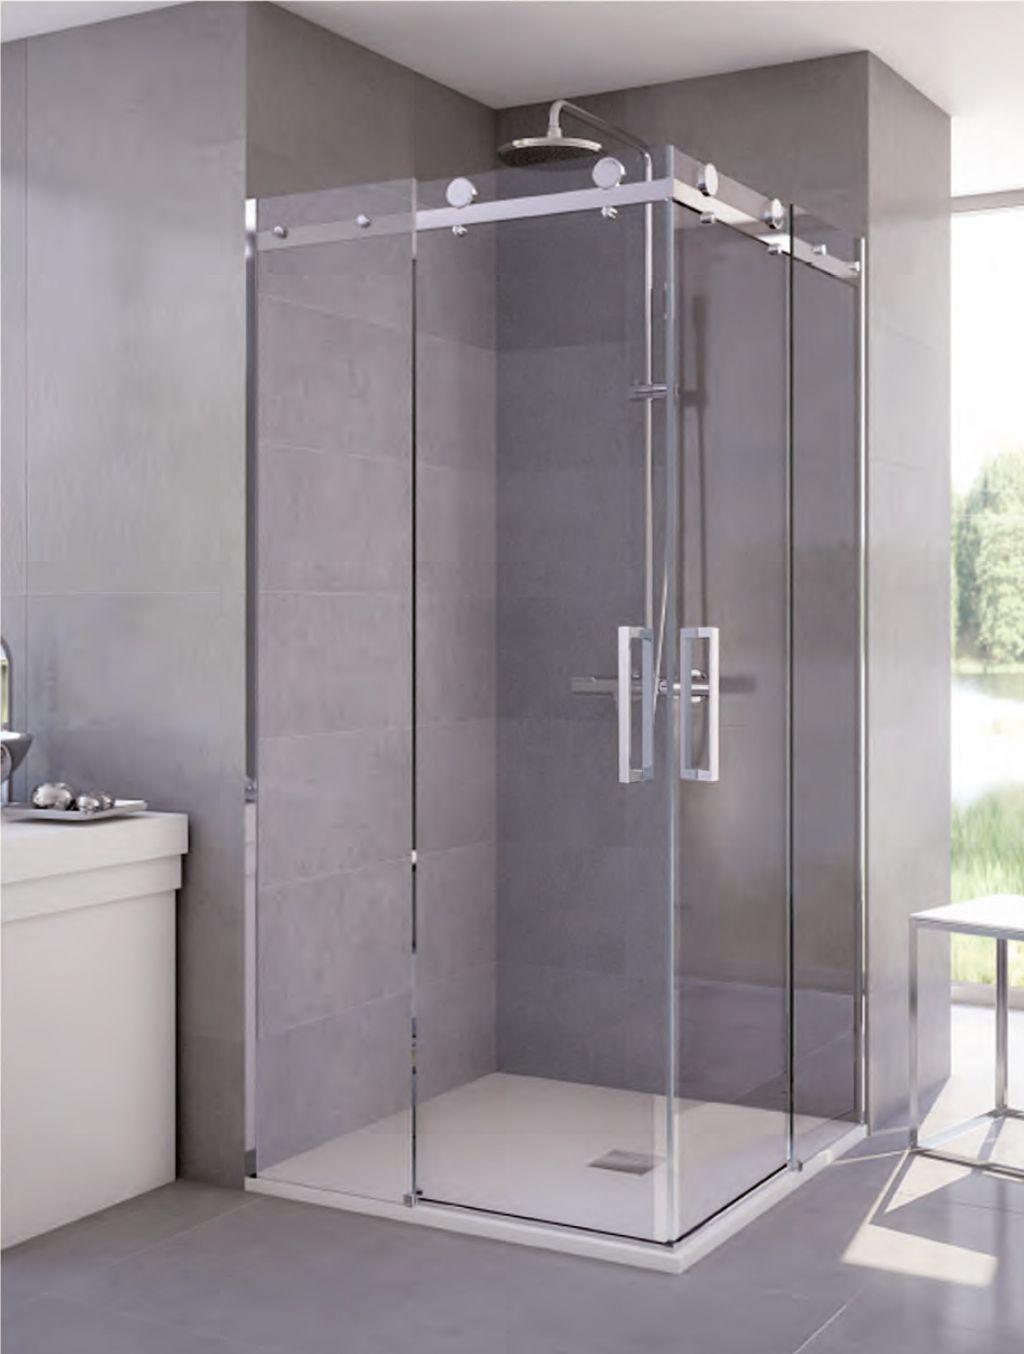 Mamparas de ducha la cristaler a de m laga for Mamparas plegables para ducha